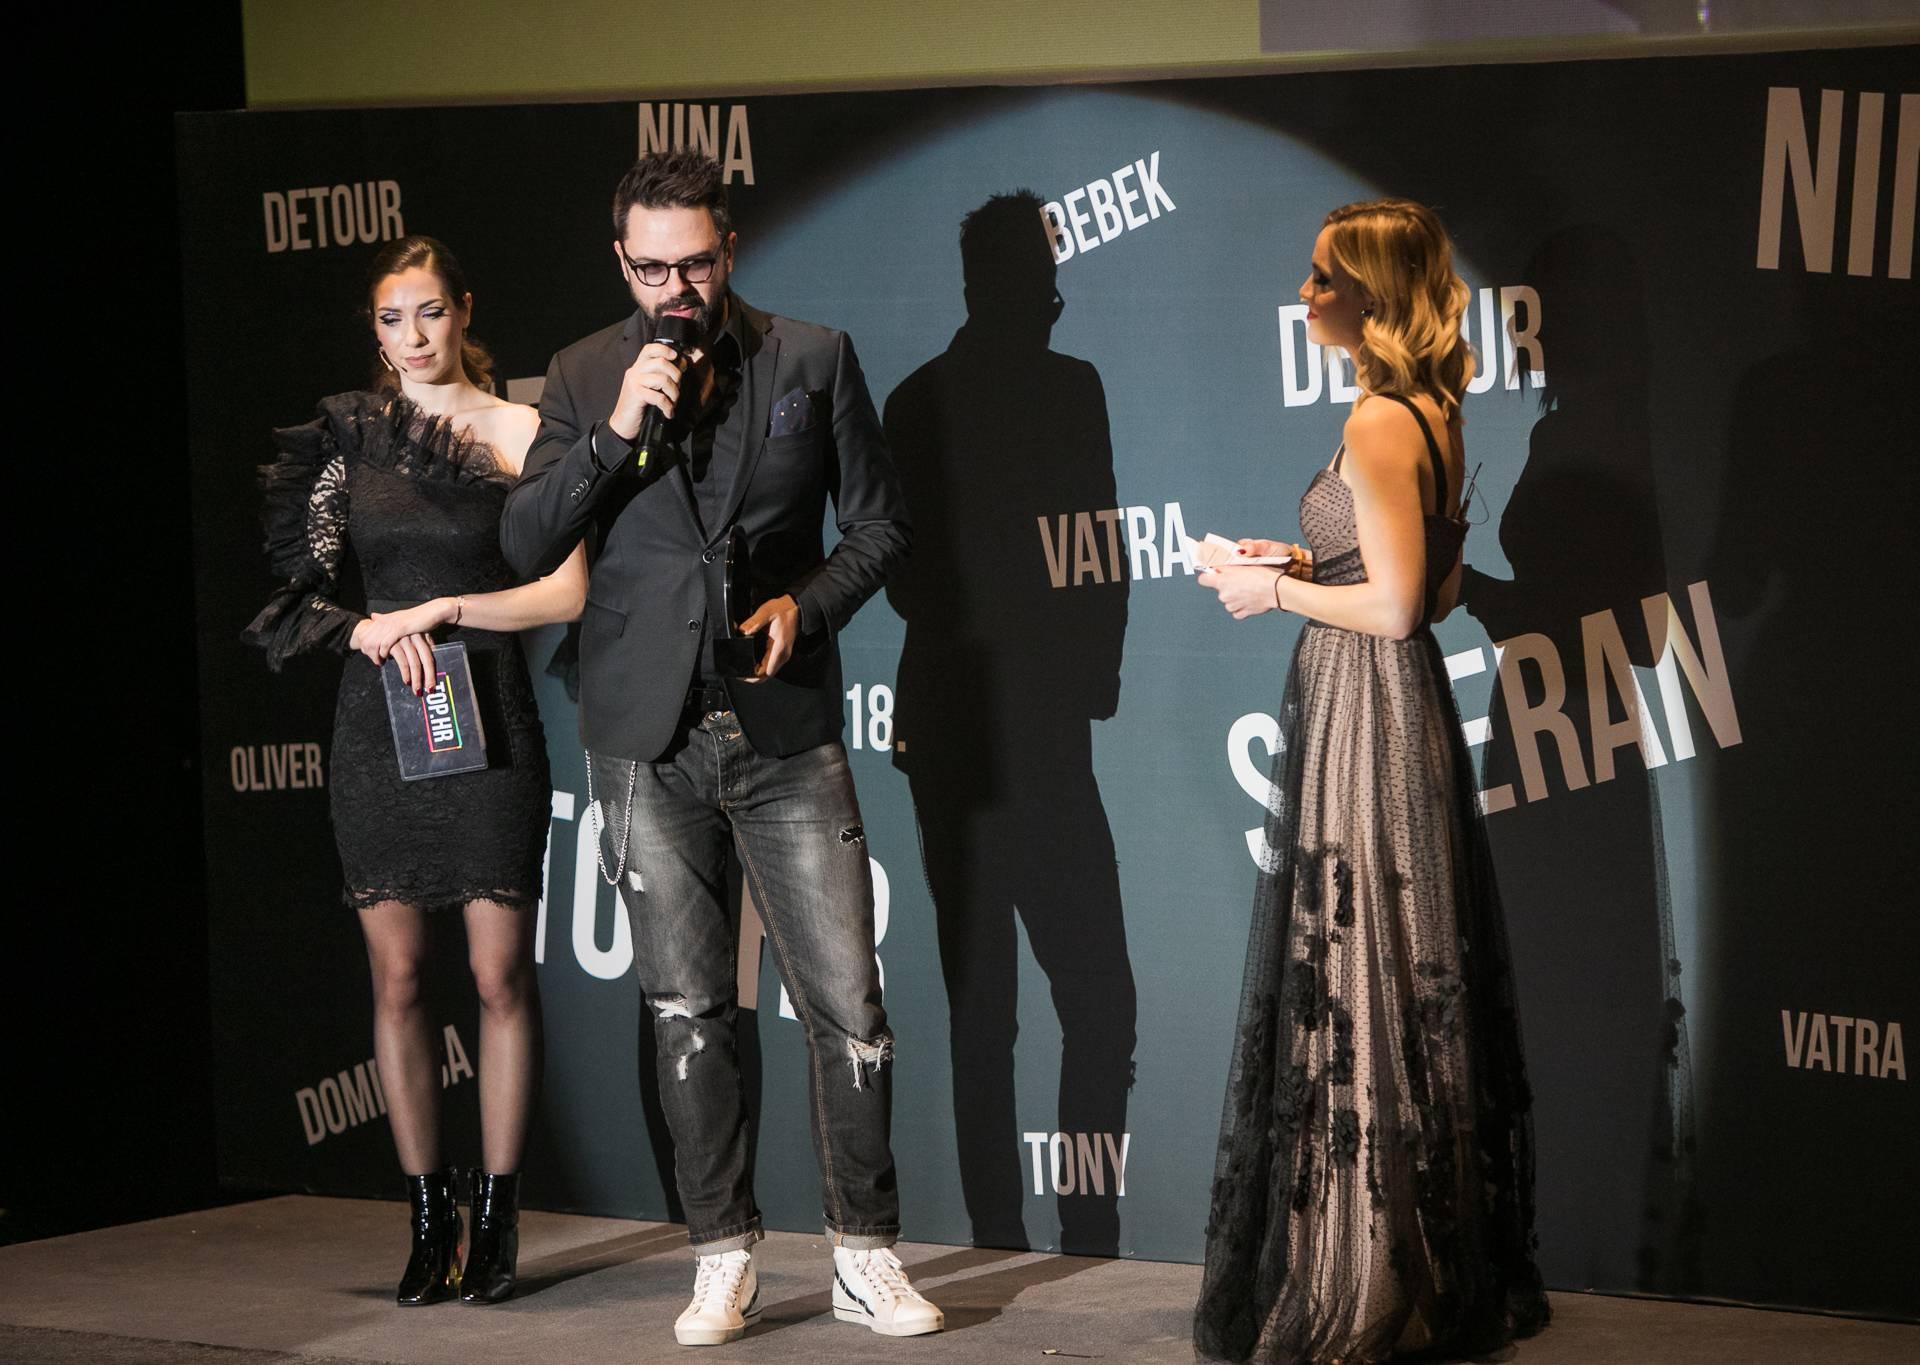 Grašo proslavio bez Danijele: Uzeo nagradu i grlio Domenicu